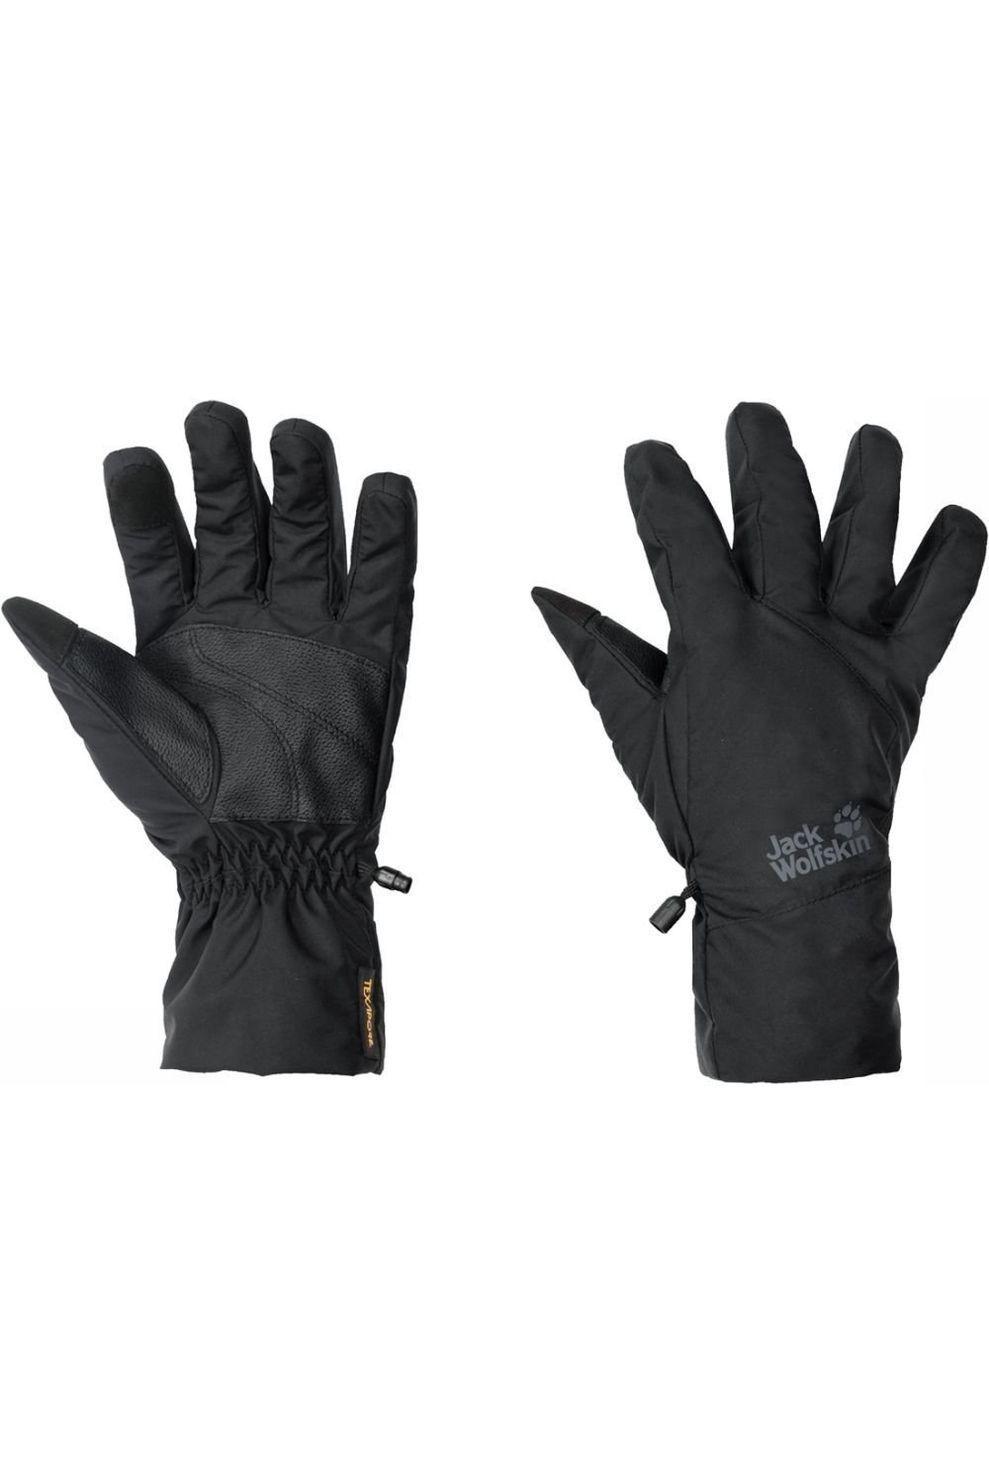 Jack Wolfskin Handschoen Texapore Basic - Zwart - Maten: XS, S, XL